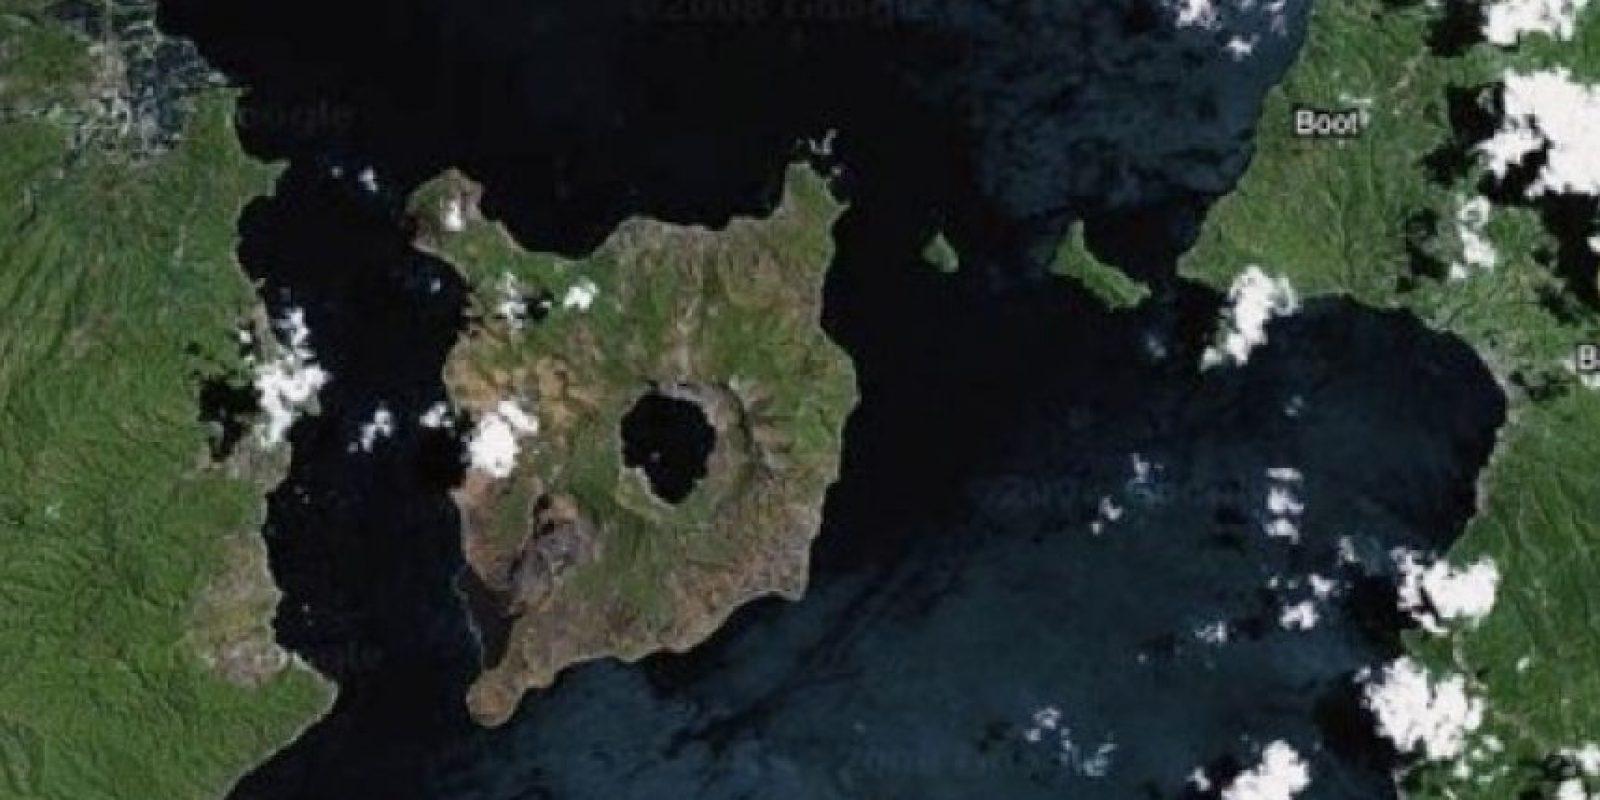 El lago Taal se encuentra en la isla de Luzon. Y, finalmente, la isla de Luzon es la isla más grande de las Filipinas y está rodeada del océano Pacífico. Foto:webecoist.momtastic